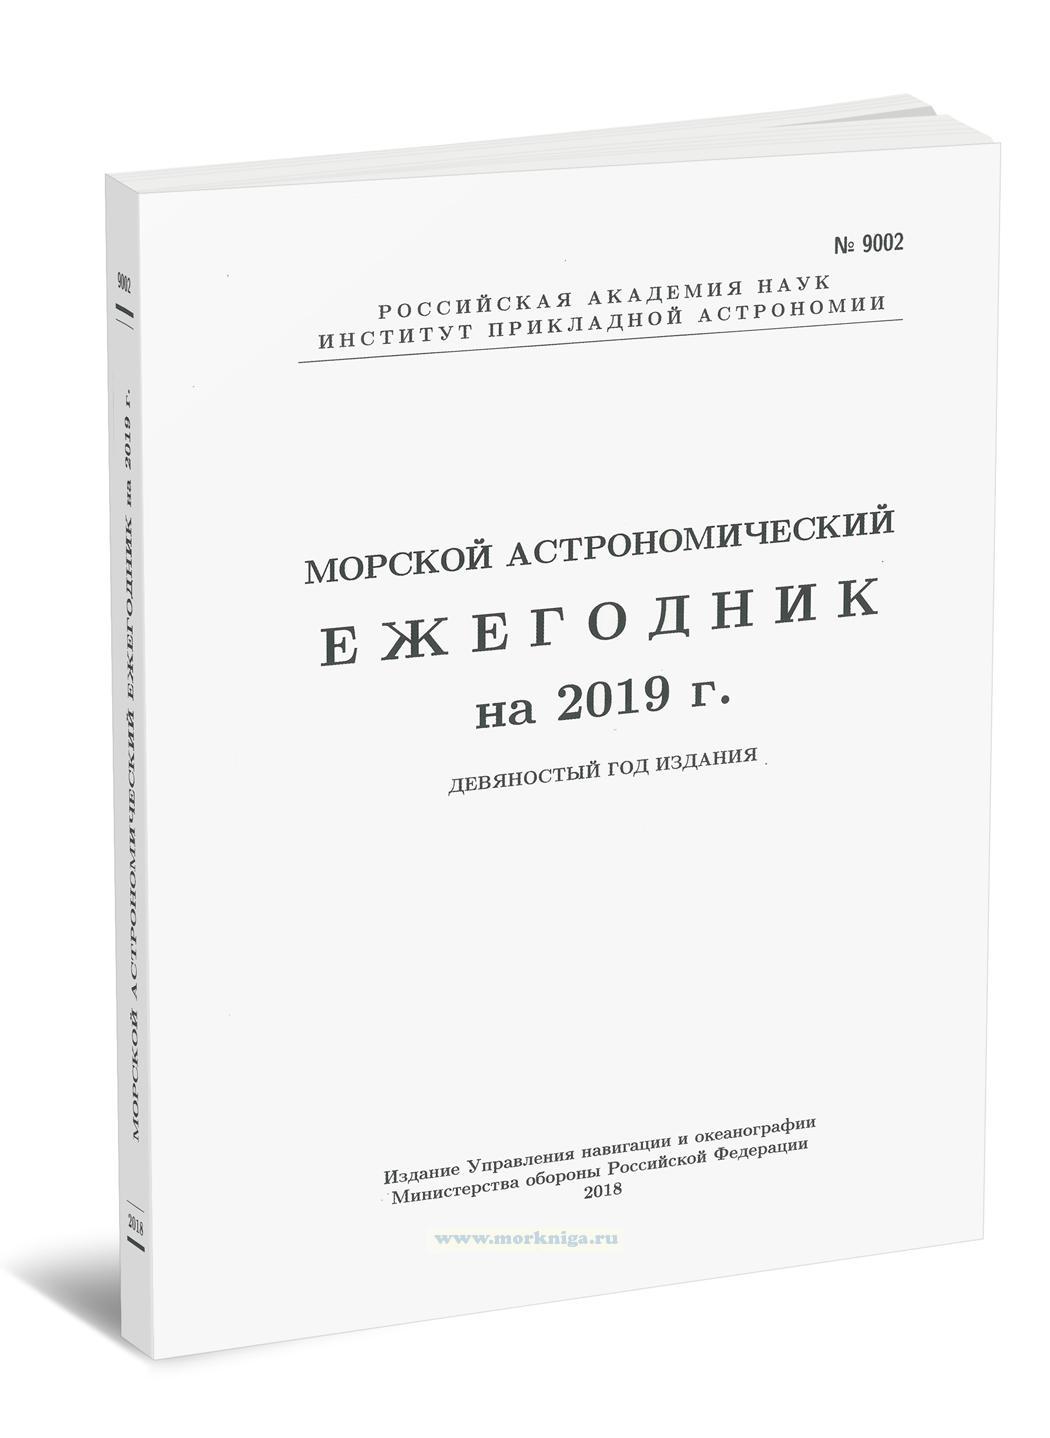 Морской Астрономический Ежегодник на 2019. Адм. № 9002